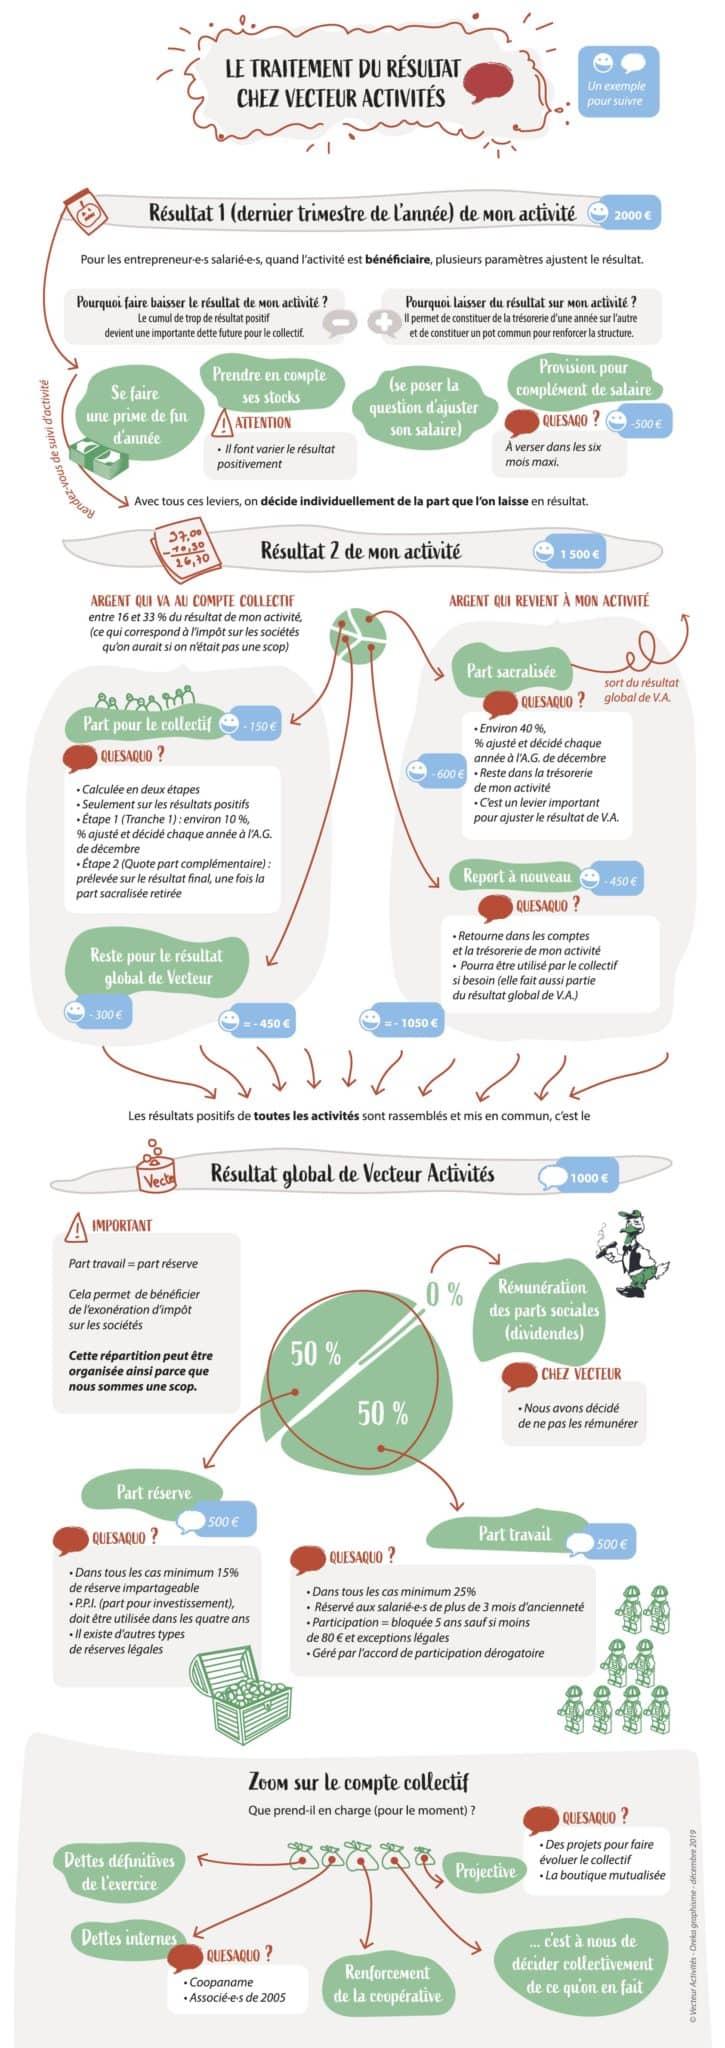 Le traitement du résultat chez Vecteur Activités, infographie.